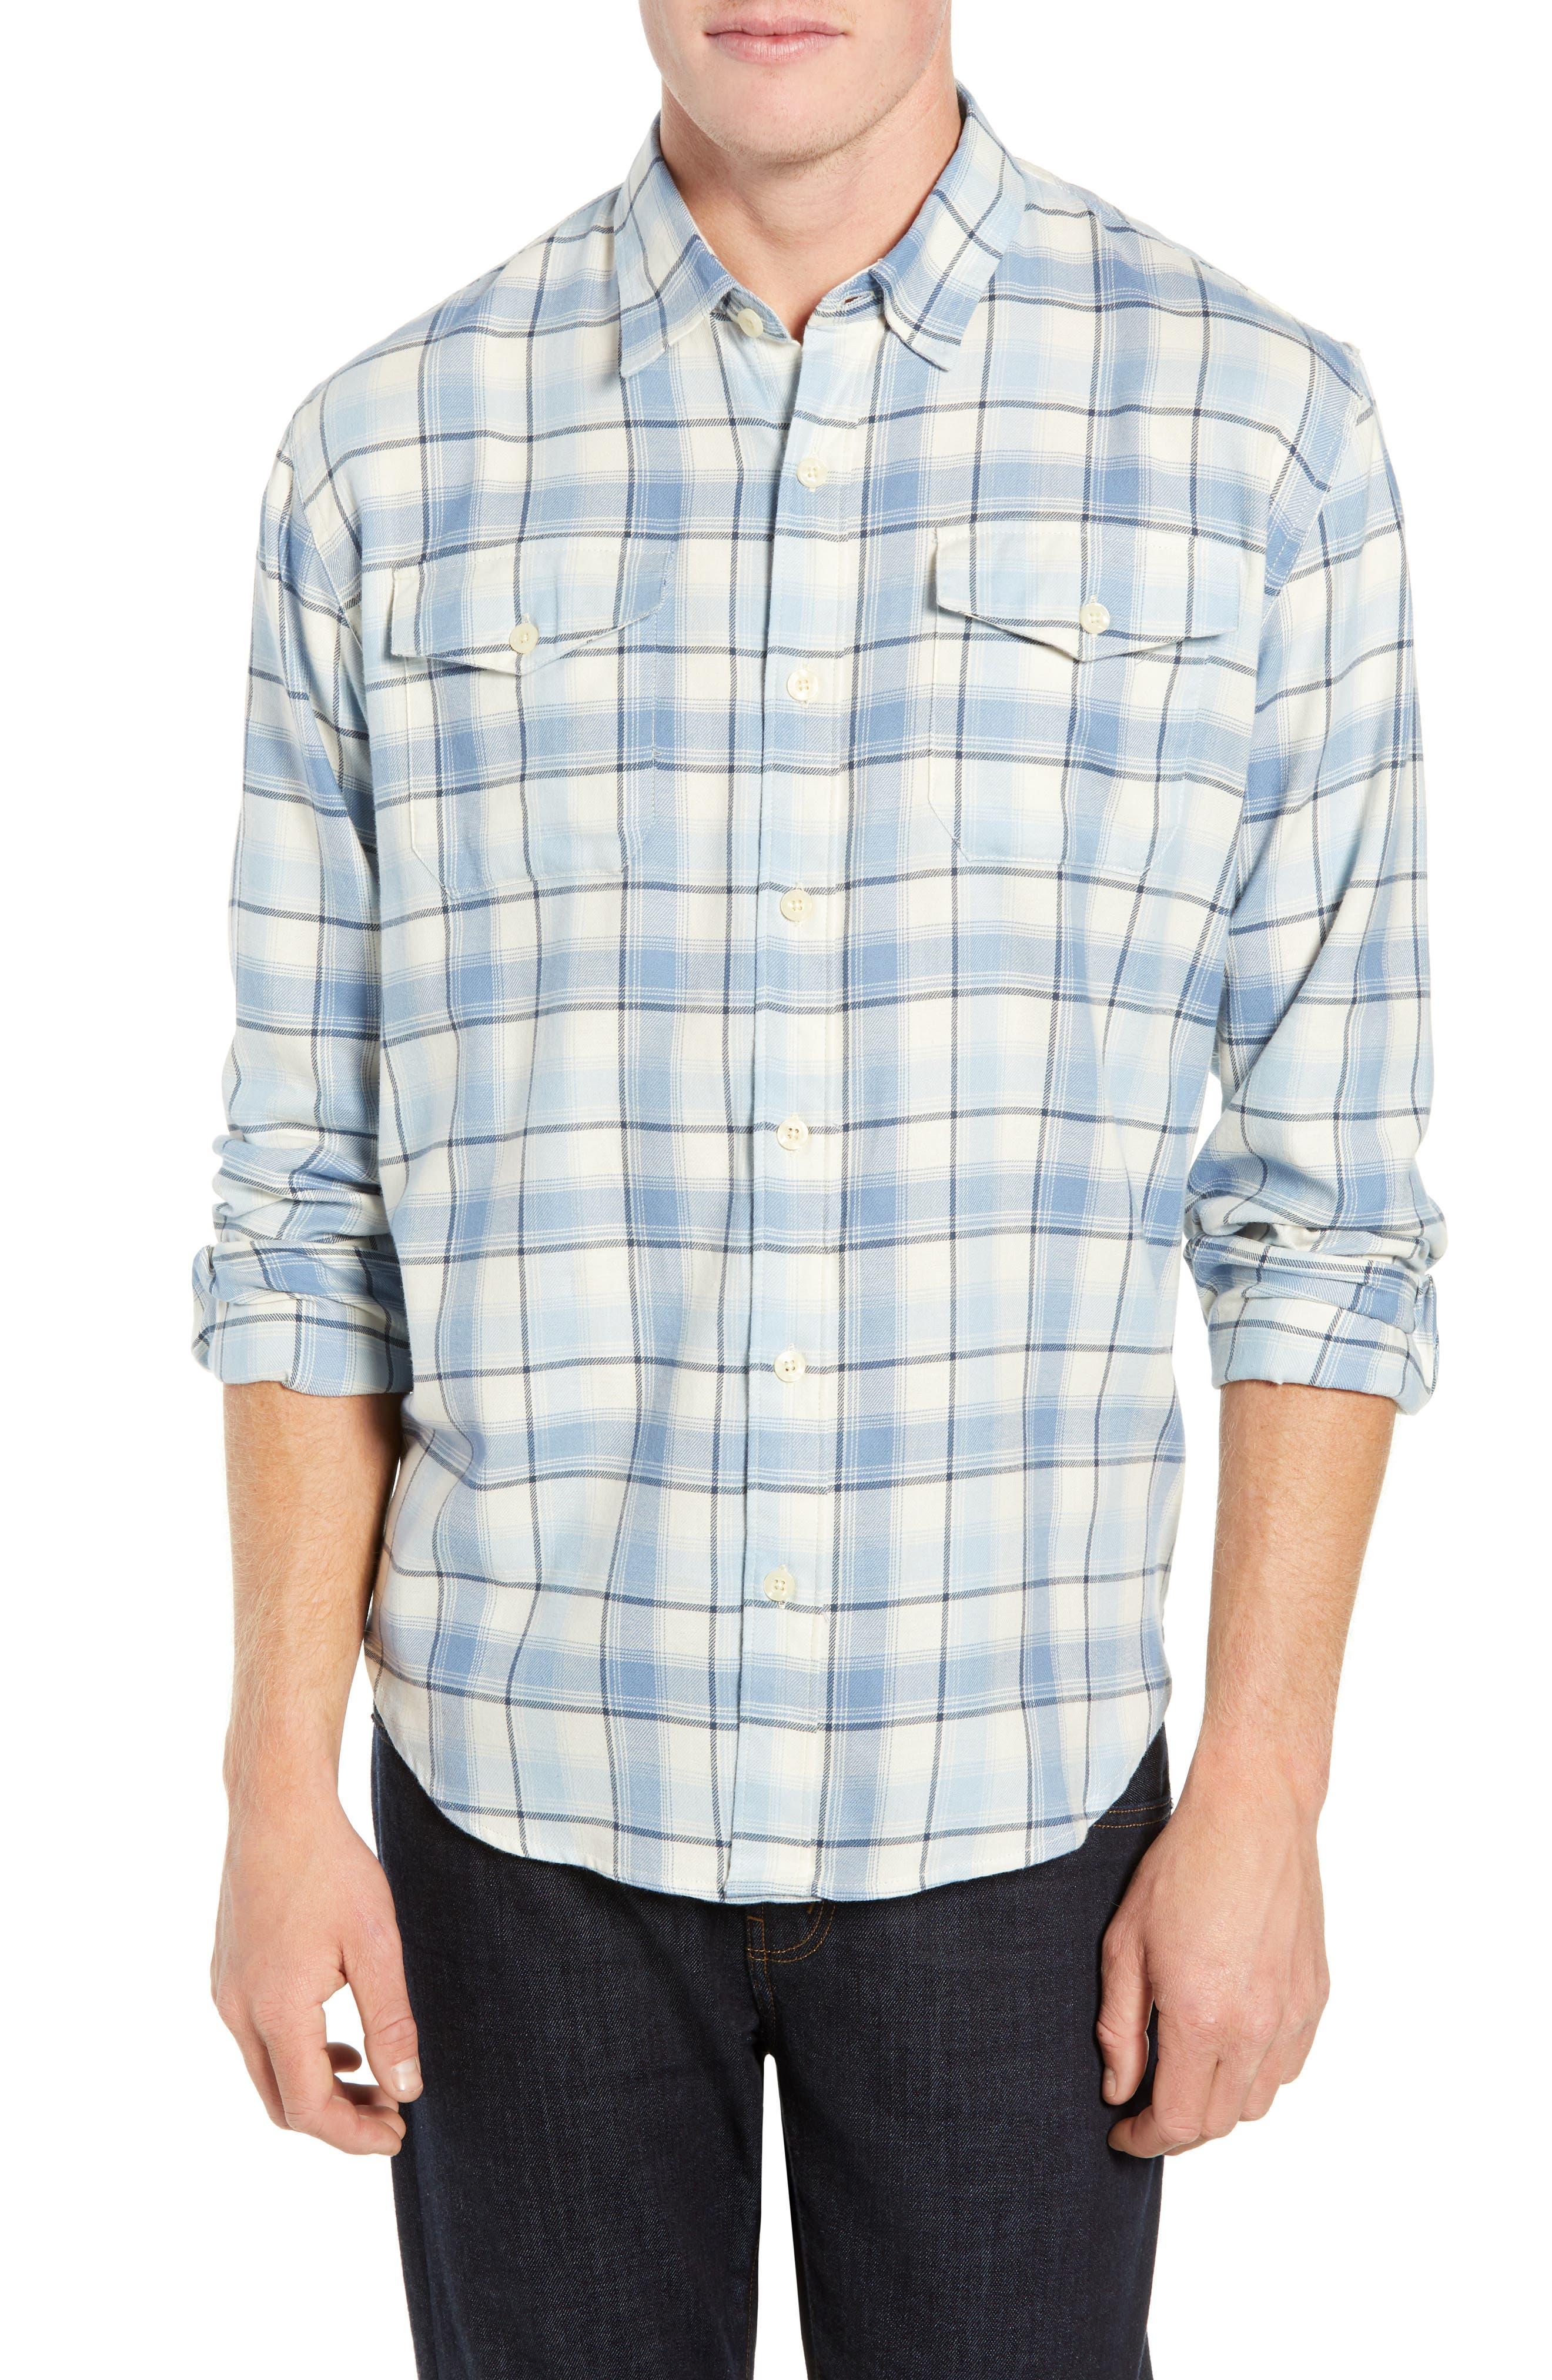 Coastaoro Honeydew Plaid Garment Washed Flannel Shirt, Blue